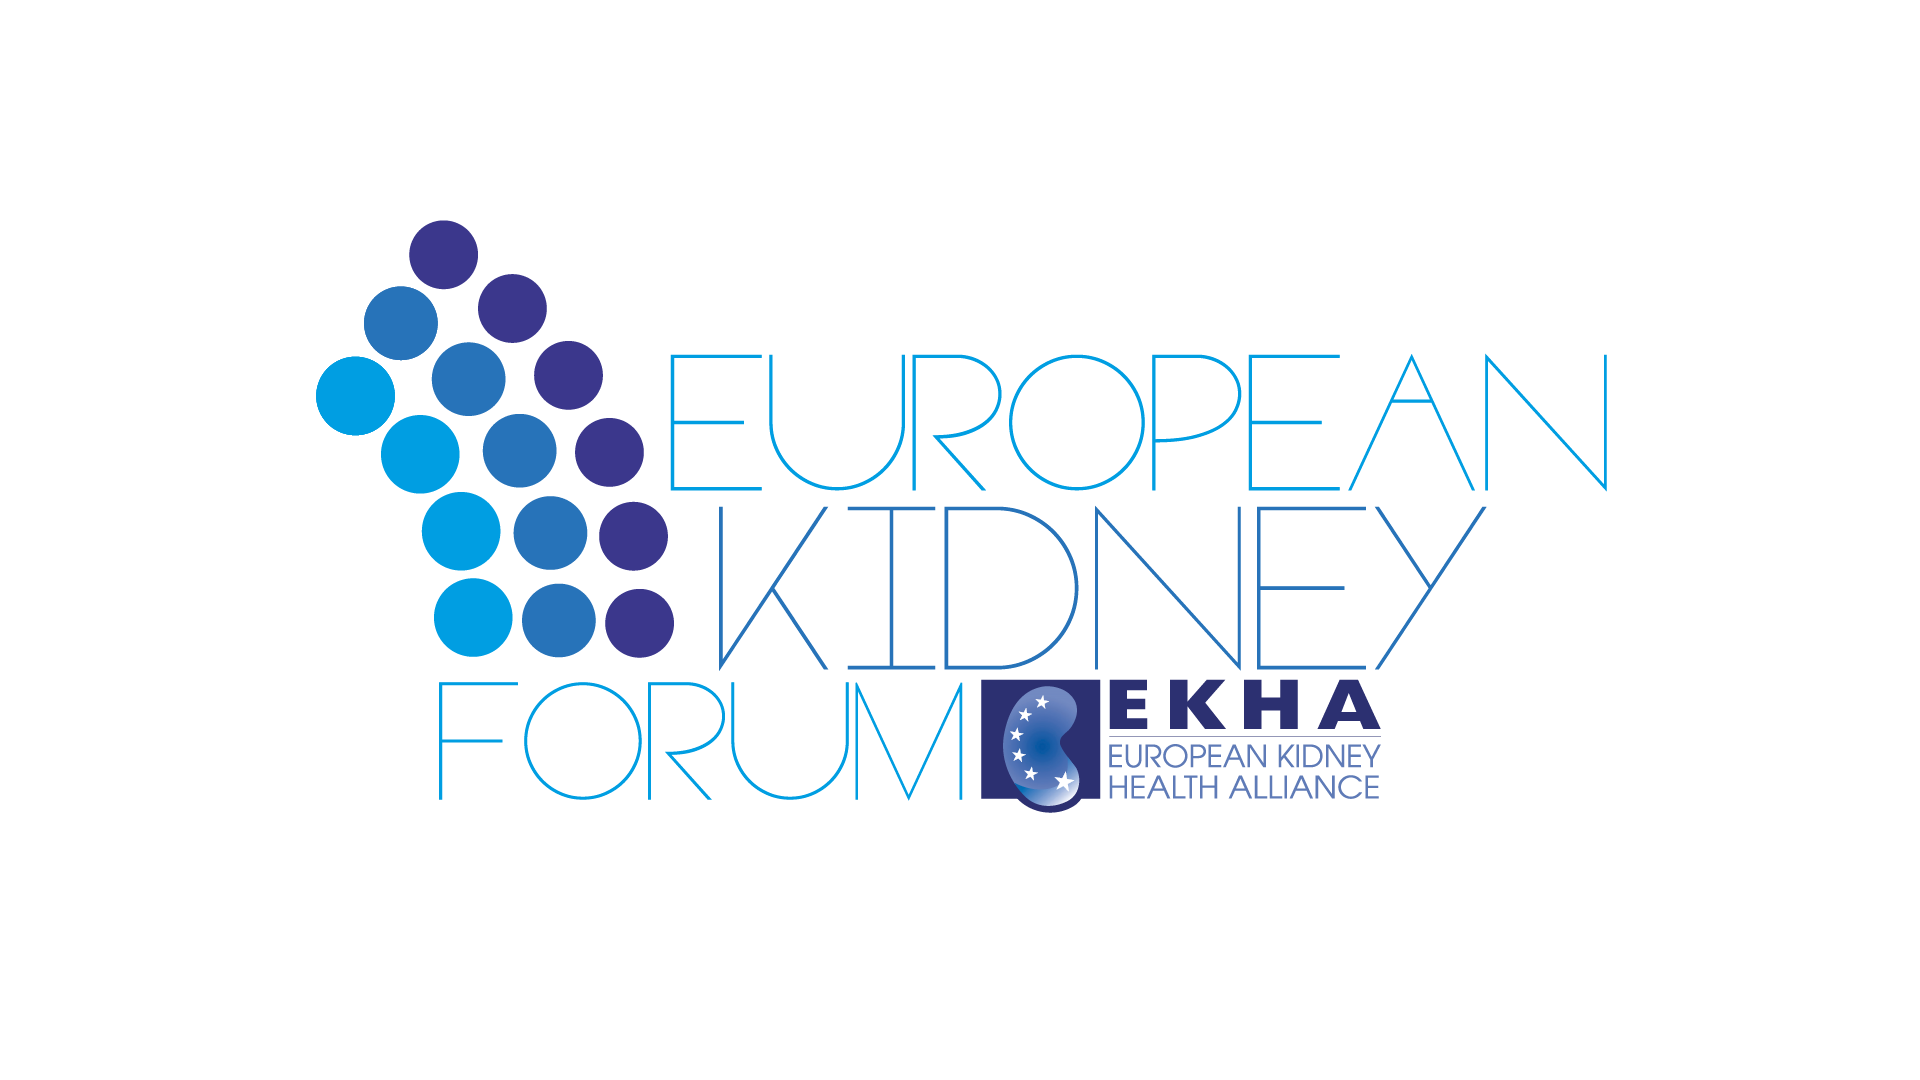 ekha logo